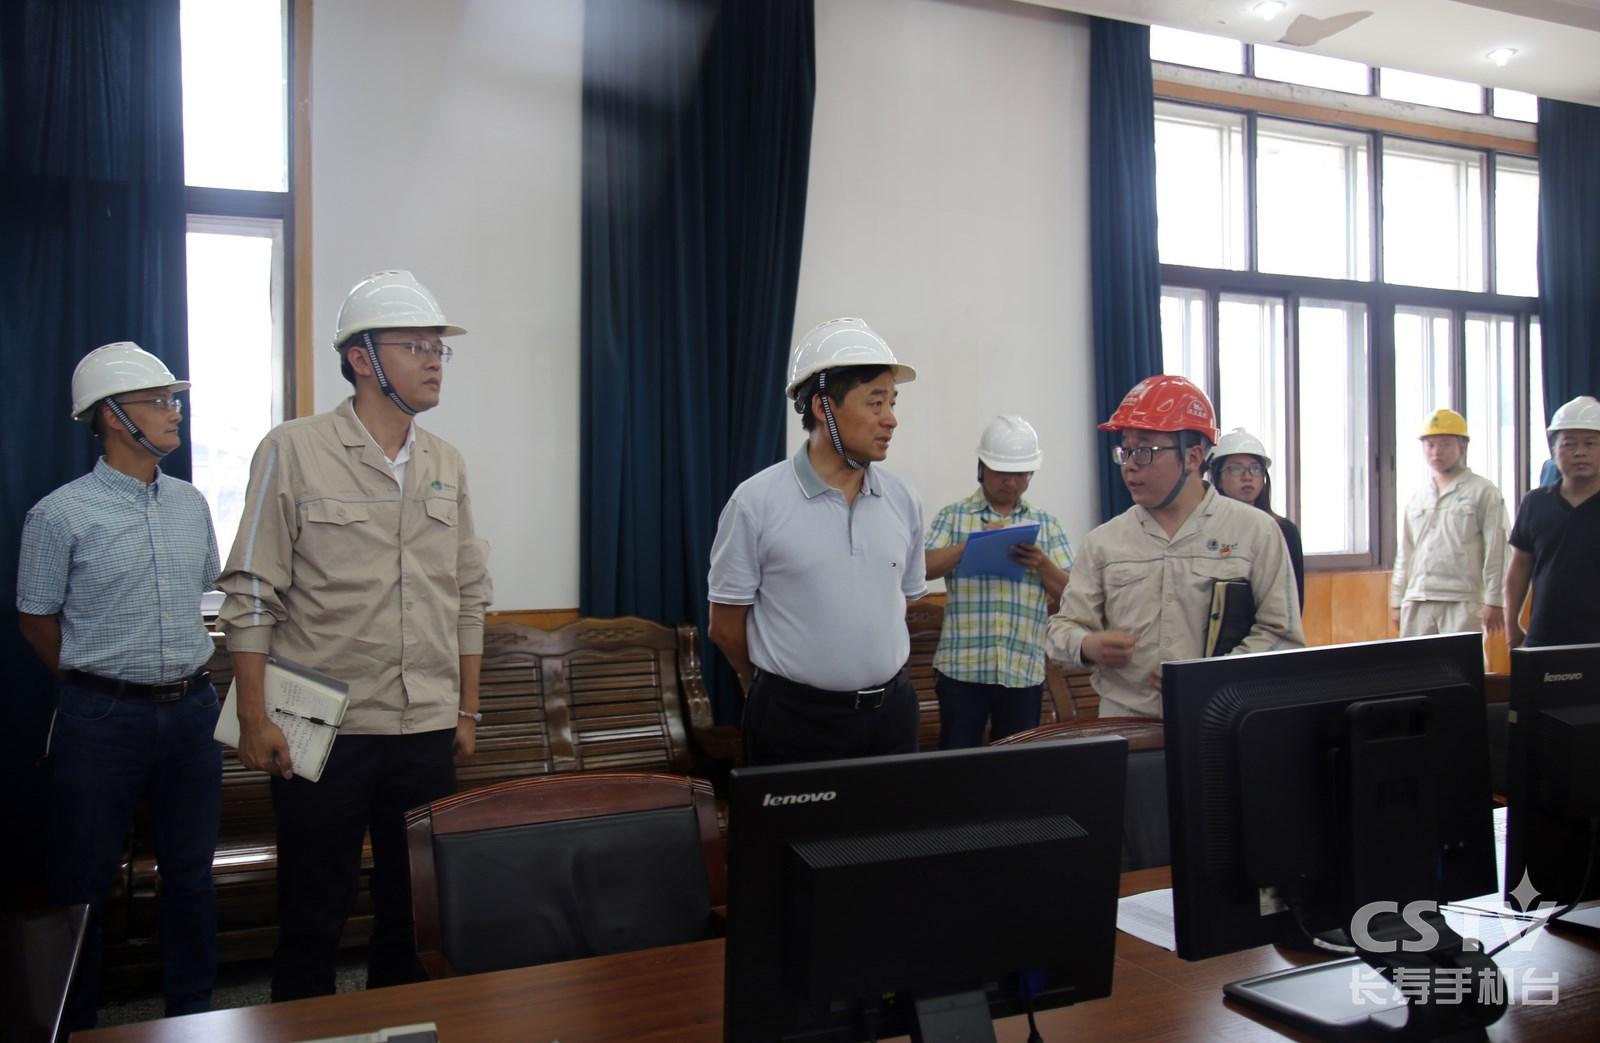 区领导带队检查安全生产工作2 (复制).jpg